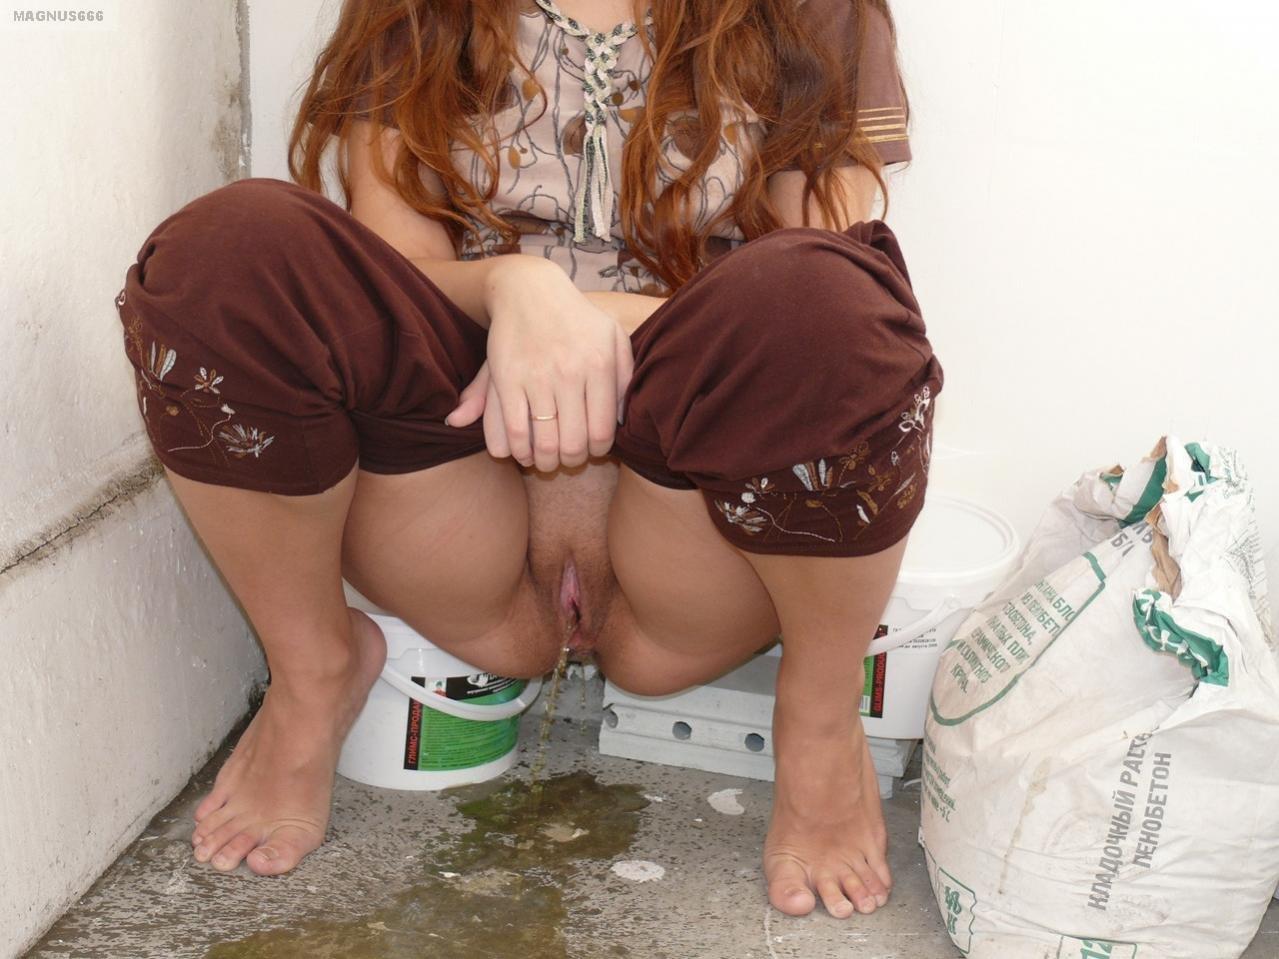 Пьяная жена писает в туалете, Девушки в туалете, писсинг на скрытую камеру 11 фотография